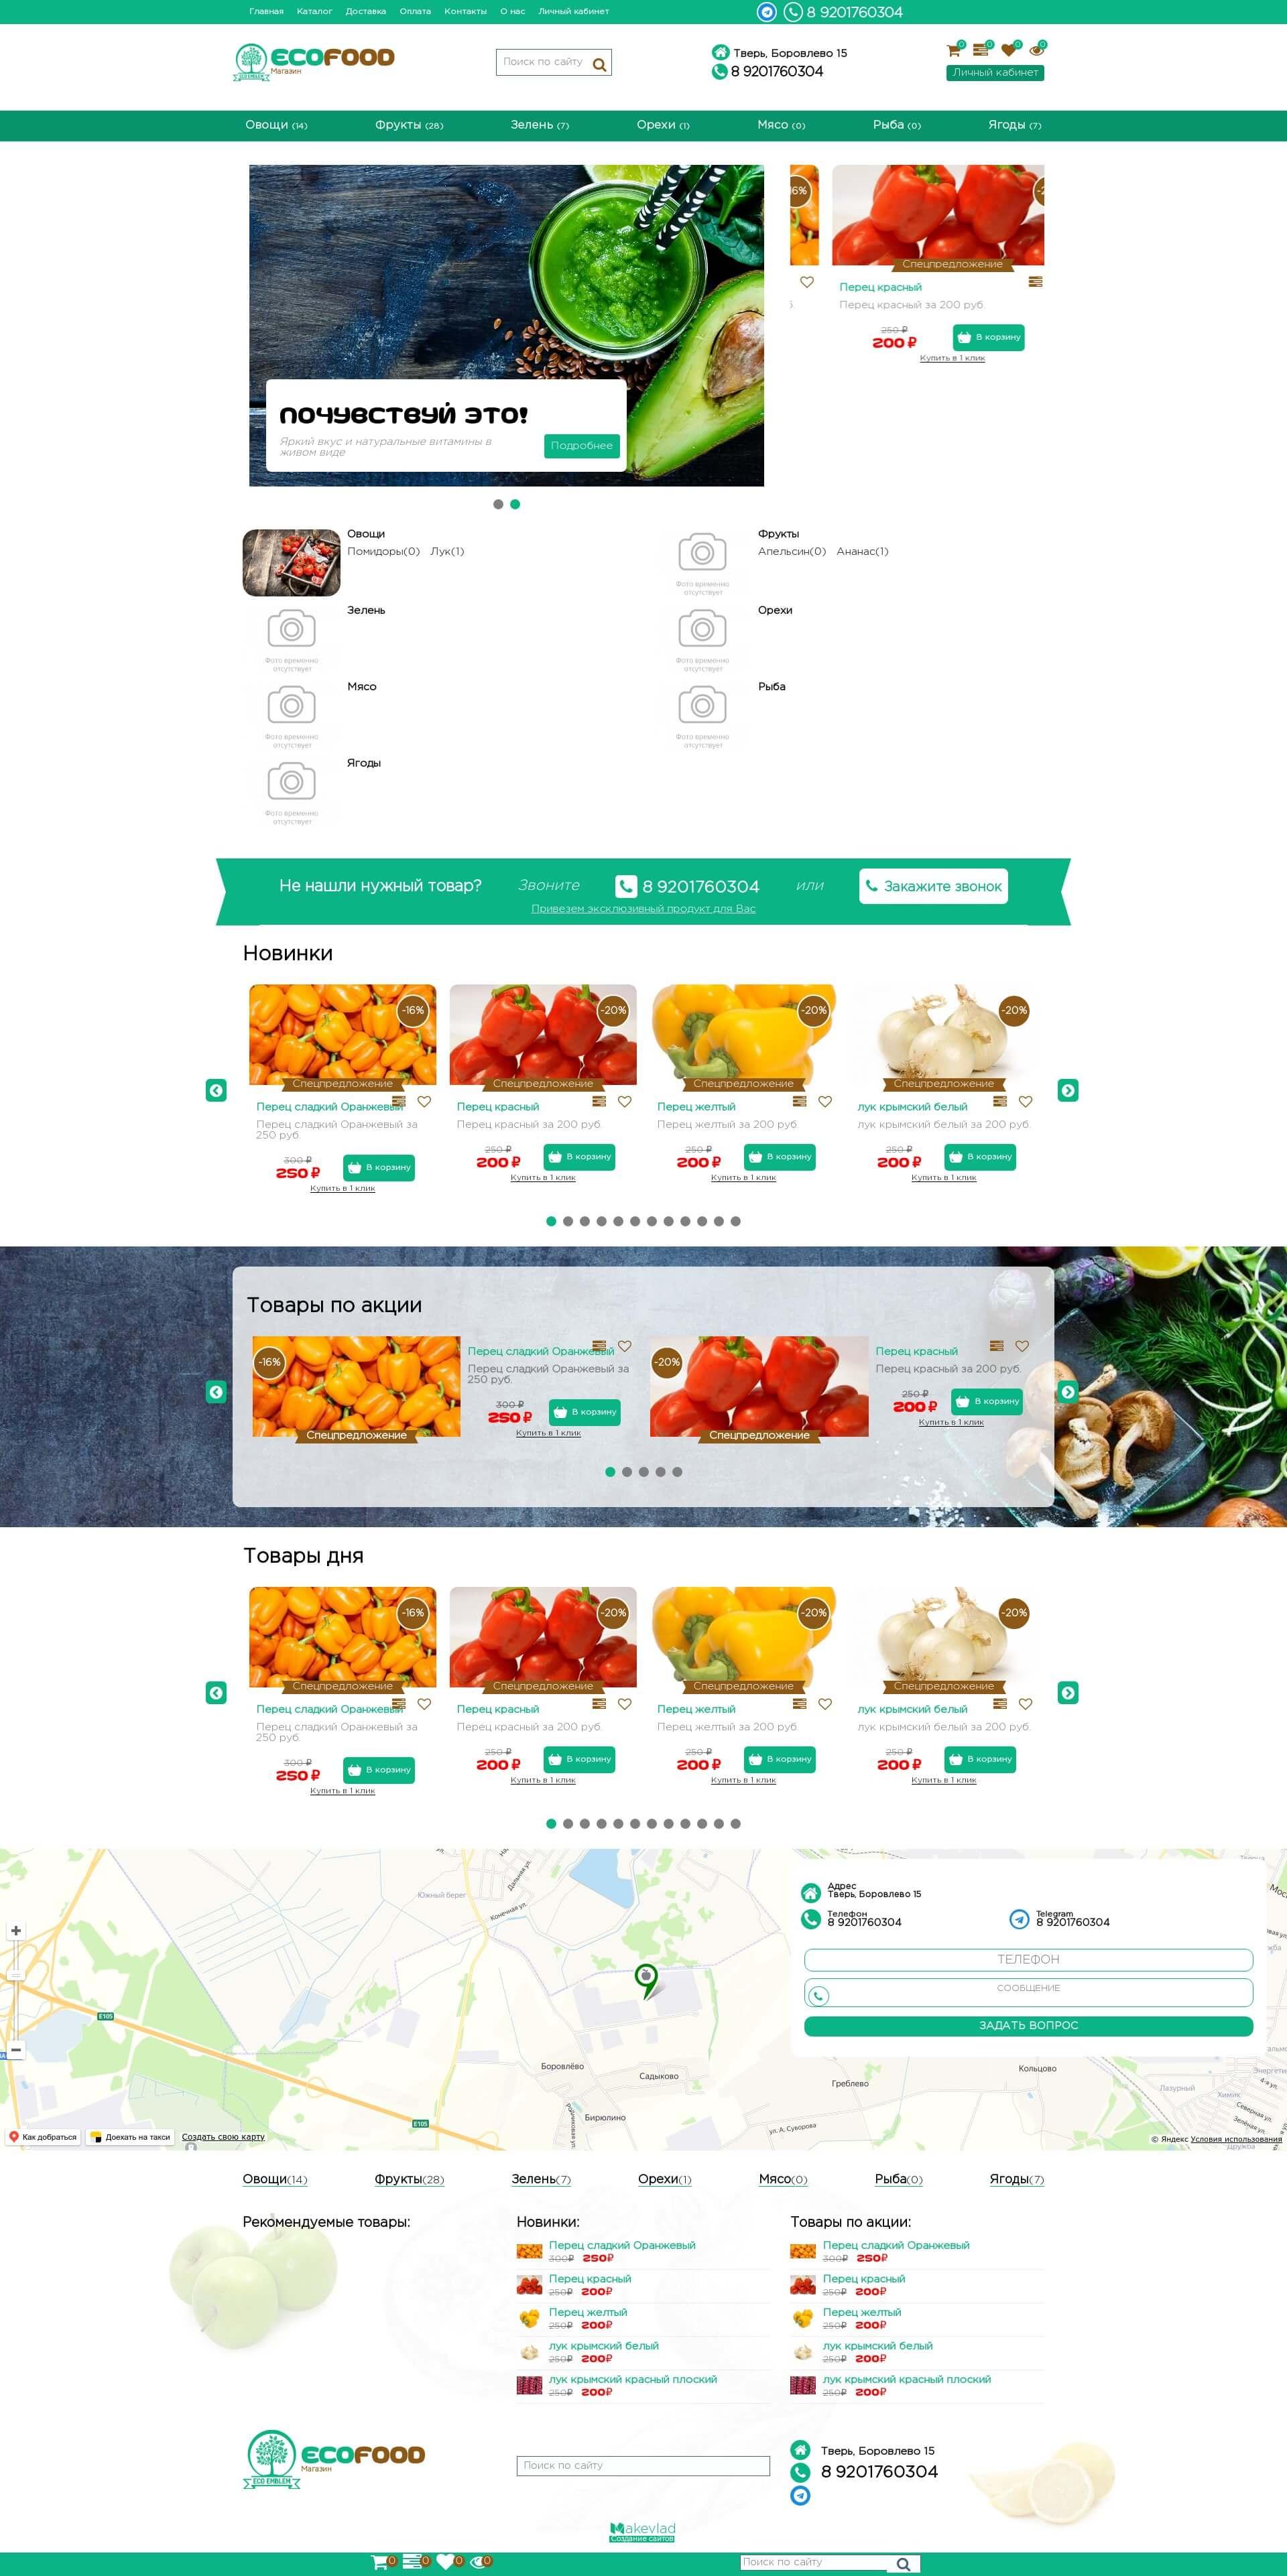 Скриншот №1 страницы сайта во весь экран. Интернет магазин для доставки продуктов